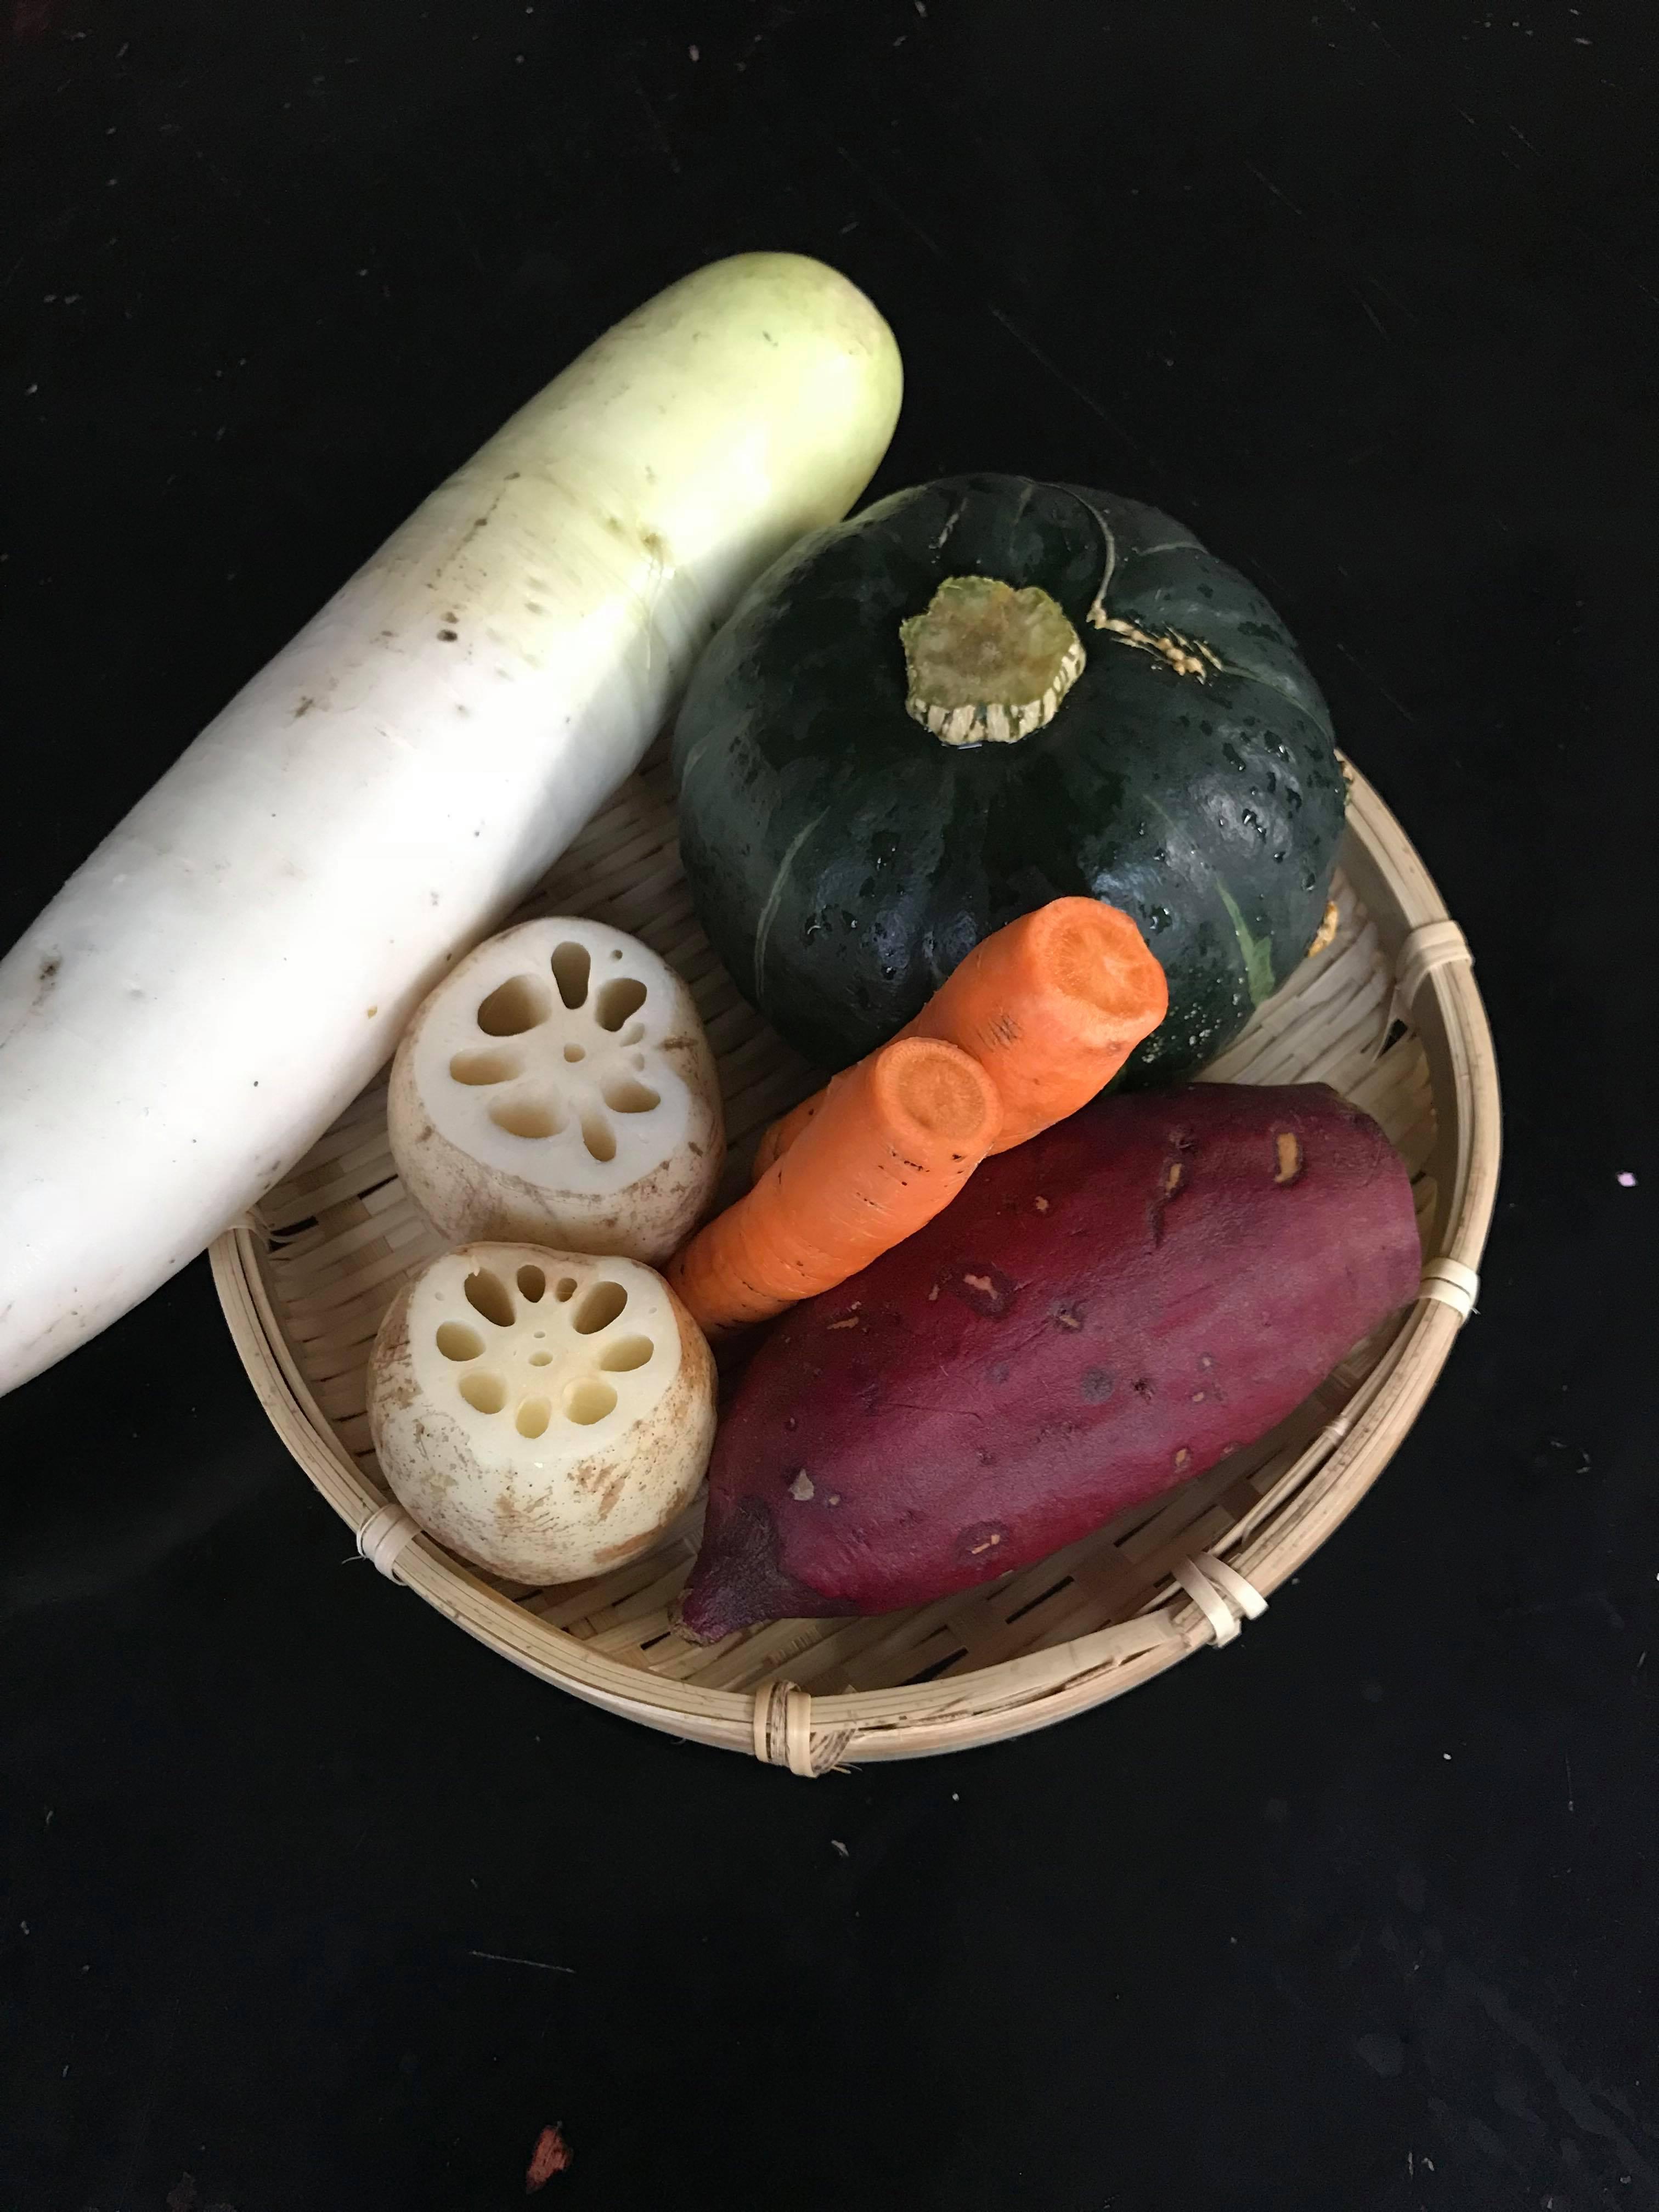 「秋の味覚を一鍋に!秋カレー」侑右さんの一汁一菜ご飯の教室